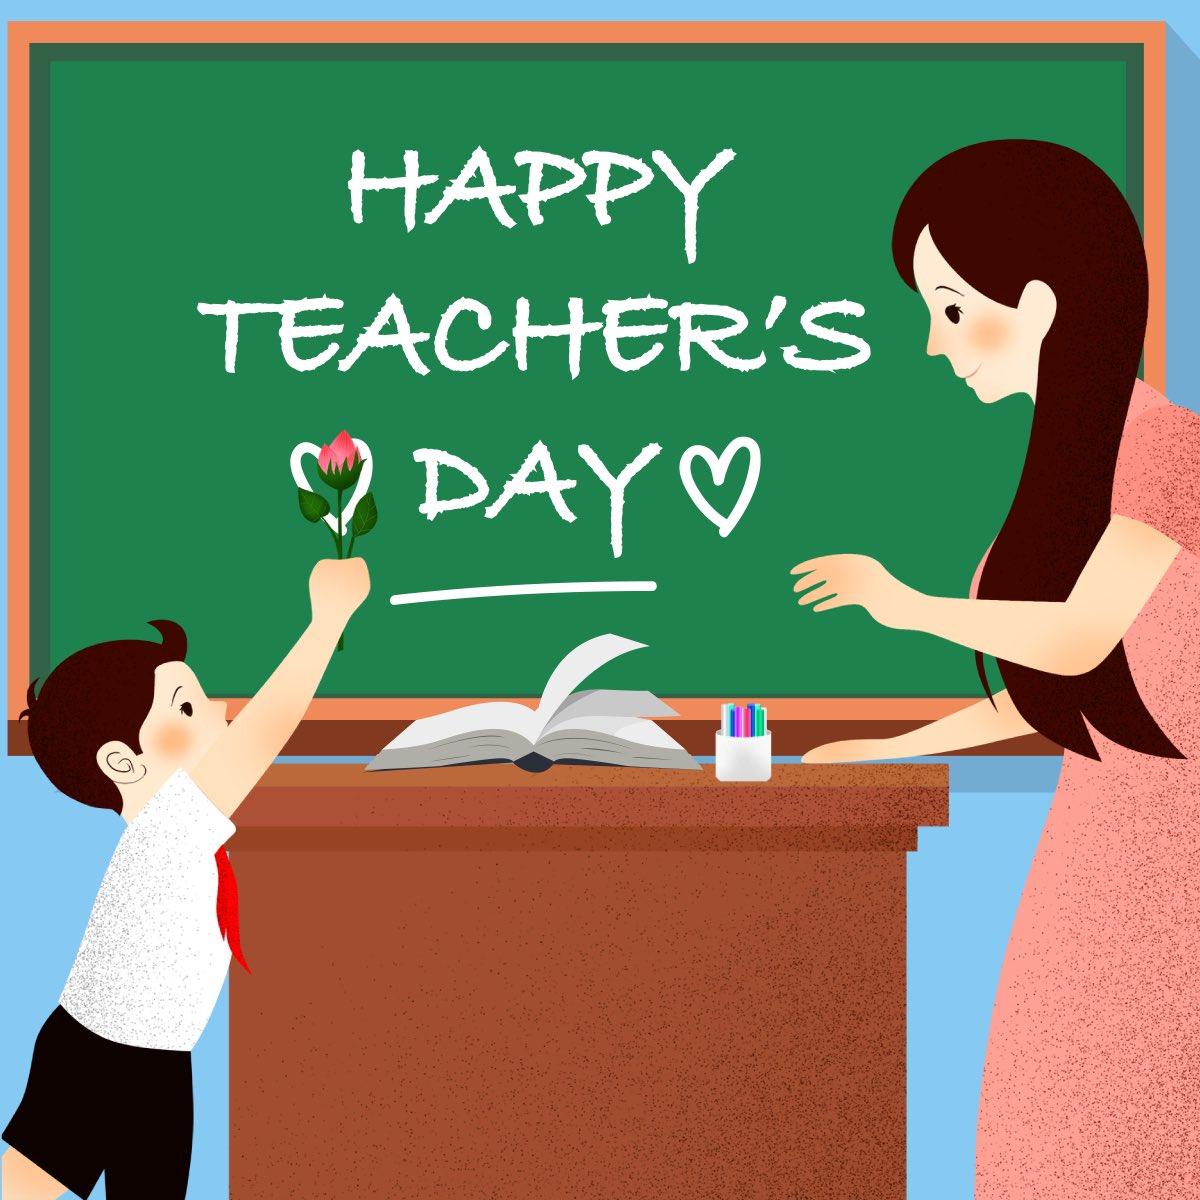 عبارات وصور عن يوم المعلم